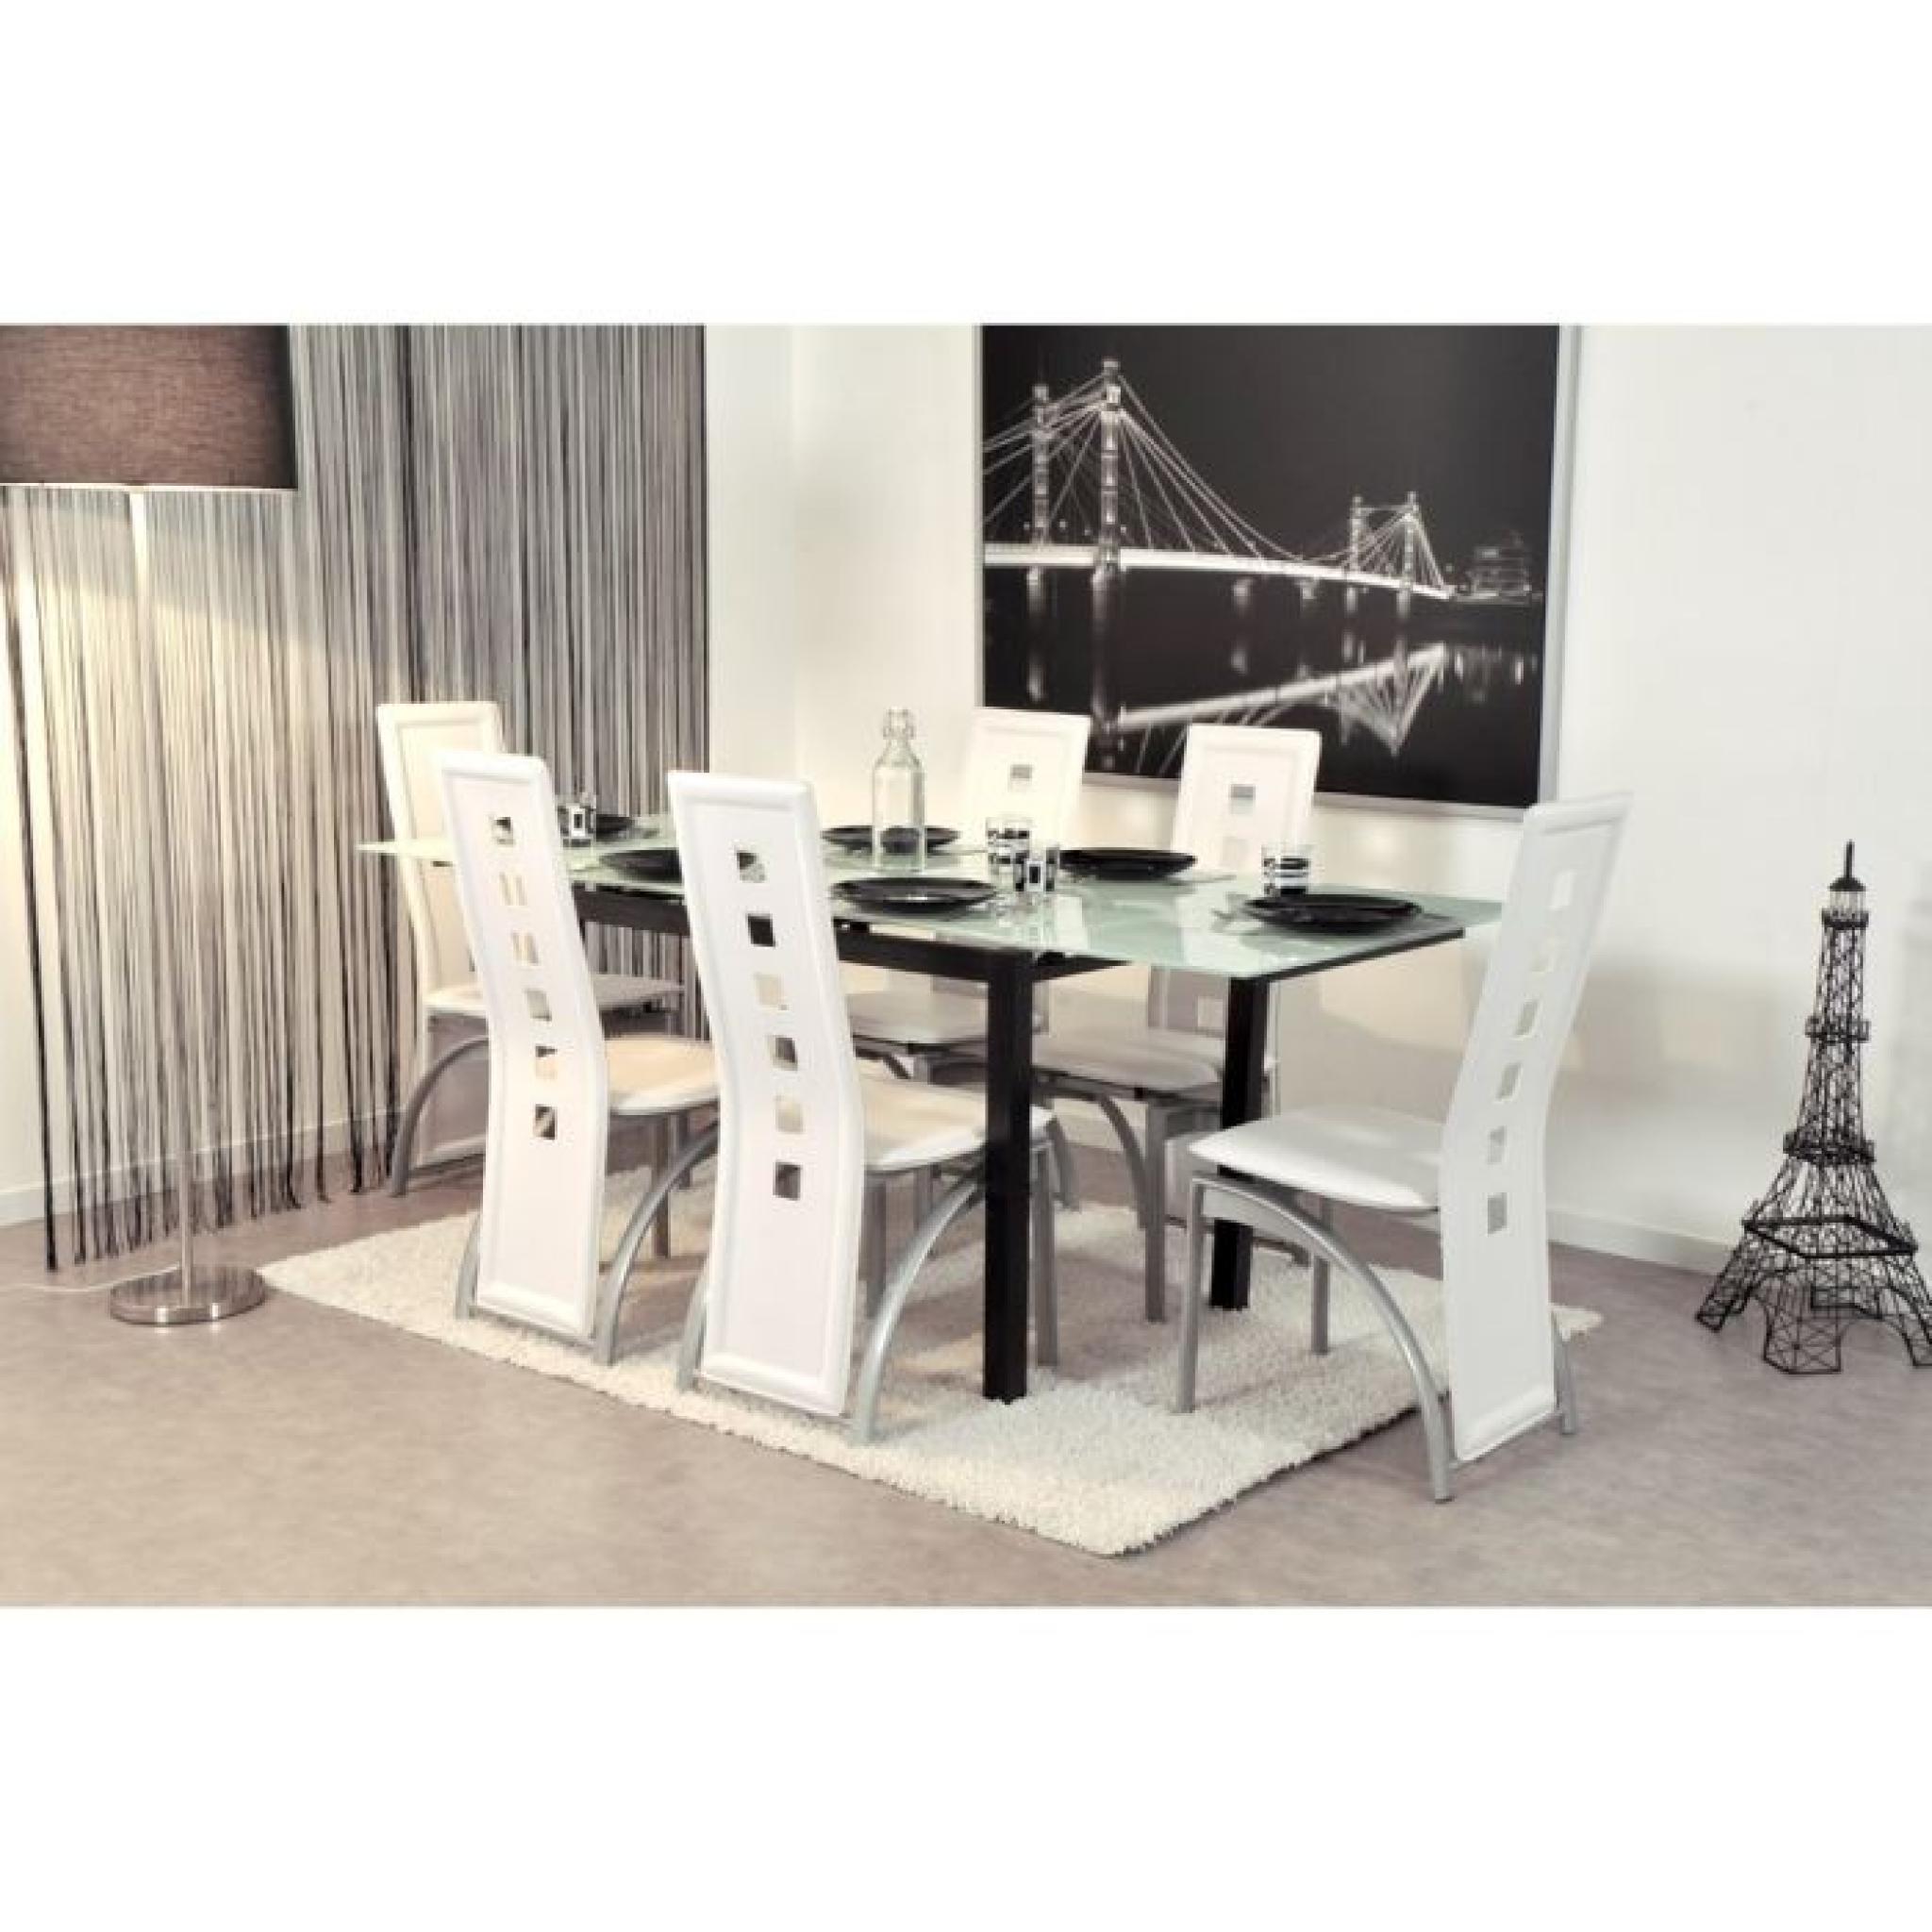 #7B7050 BORA Table Extensible 120/200cm Blanche Et Noire Achat  3873 salle a manger pas cher blanche 2048x2048 px @ aertt.com